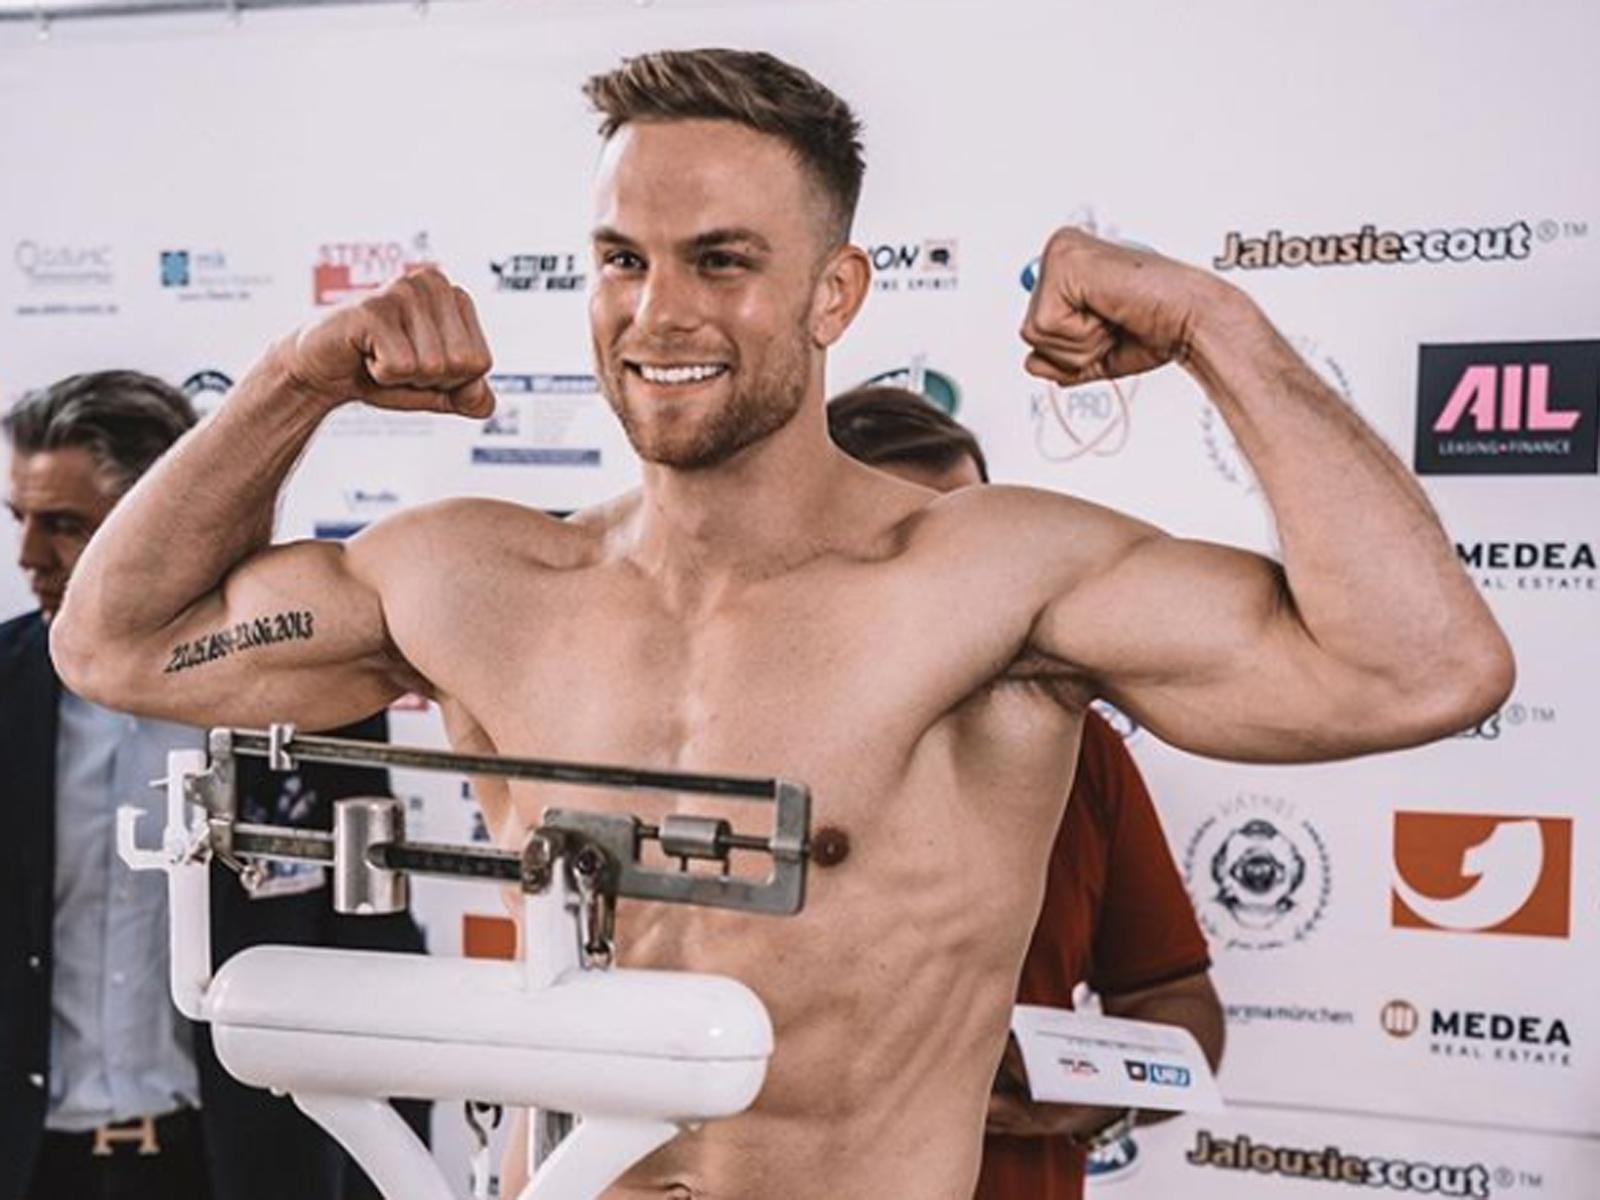 Kickbox-Weltmeister Sebastian Preuss ist der neue Bachelor 2020.